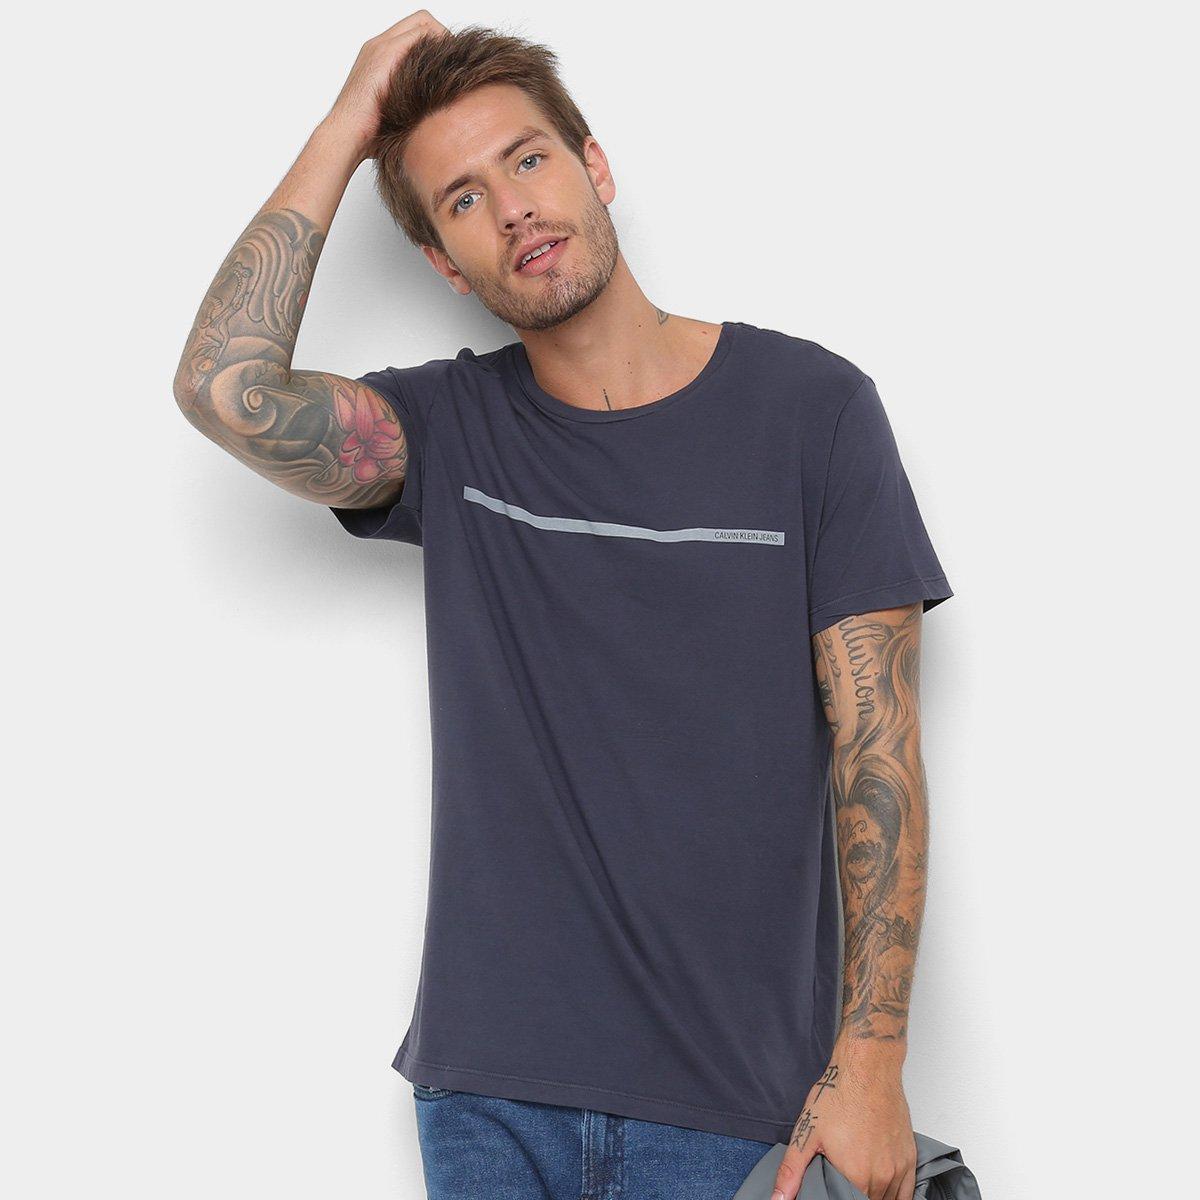 fd425d80cc73f Camiseta Calvin Klein Estampa Básica Masculina - Cinza - Compre Agora